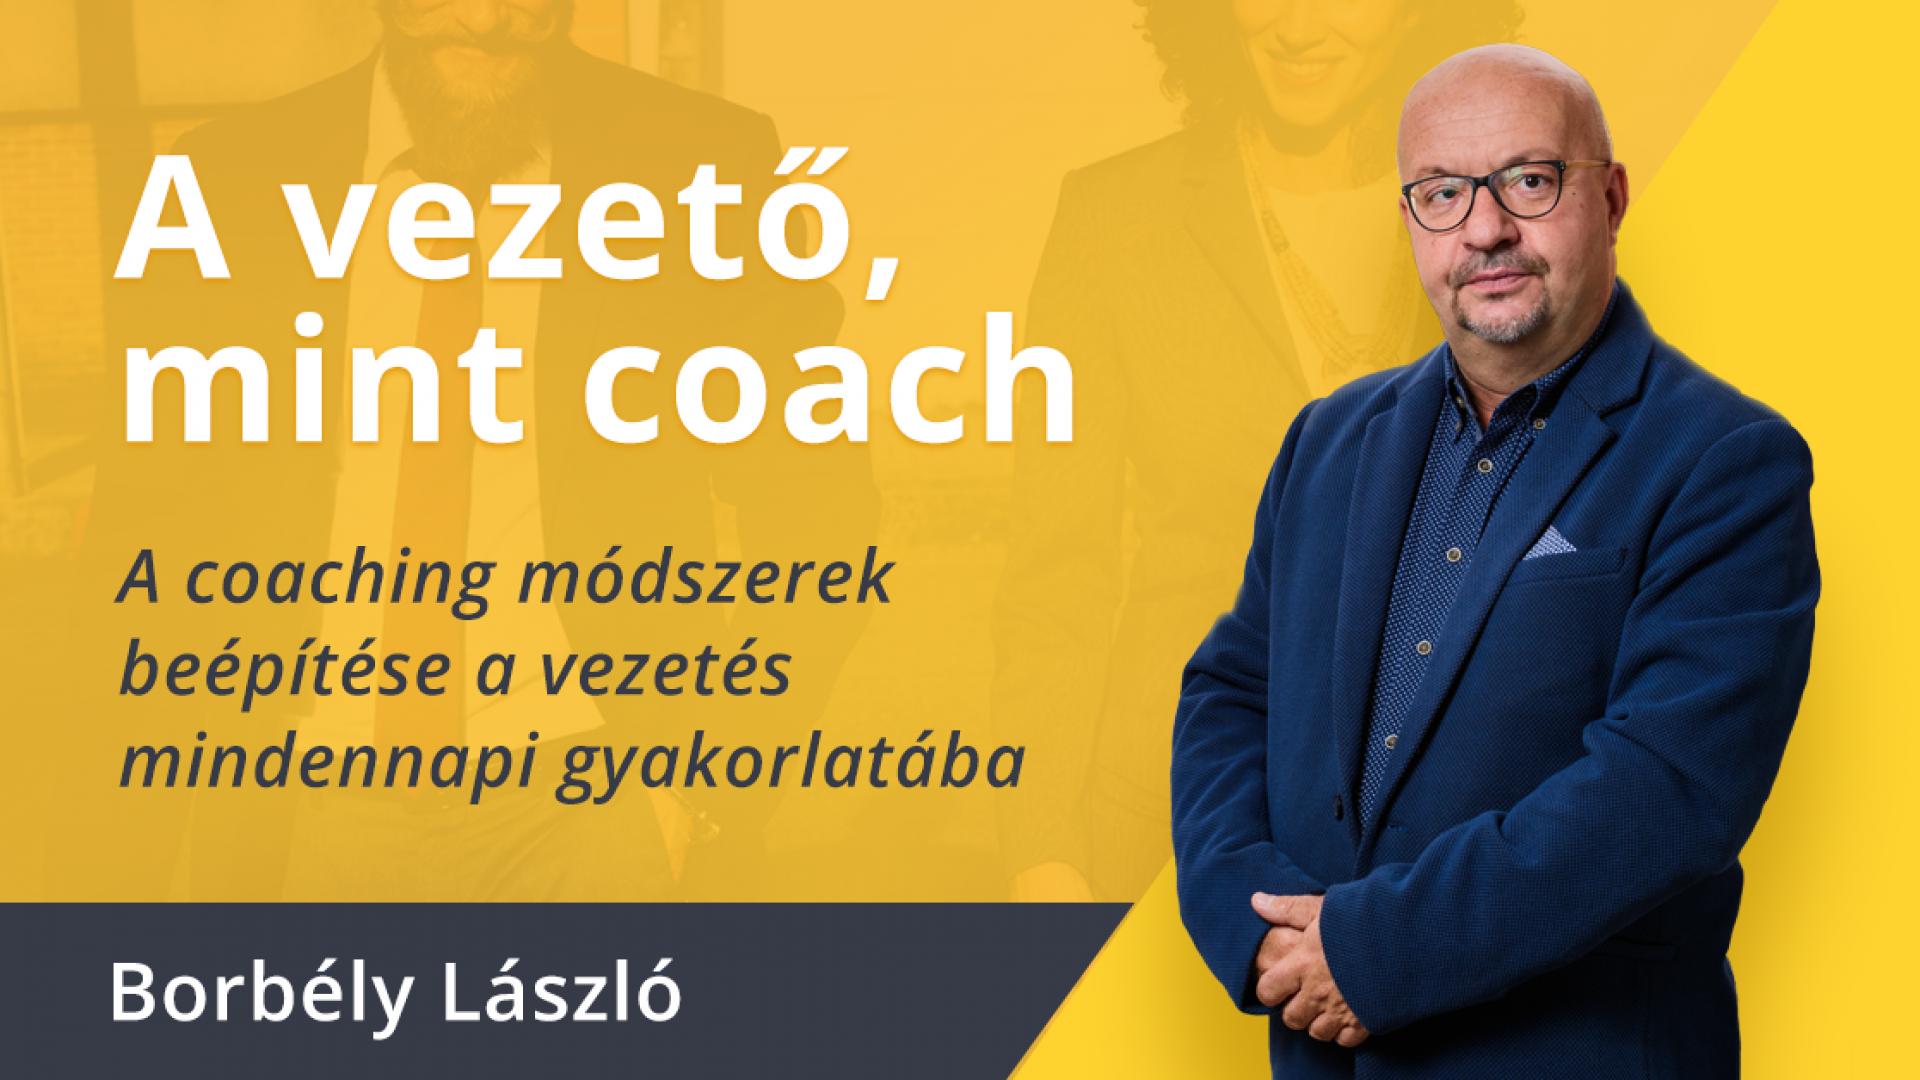 A vezető, mint coach